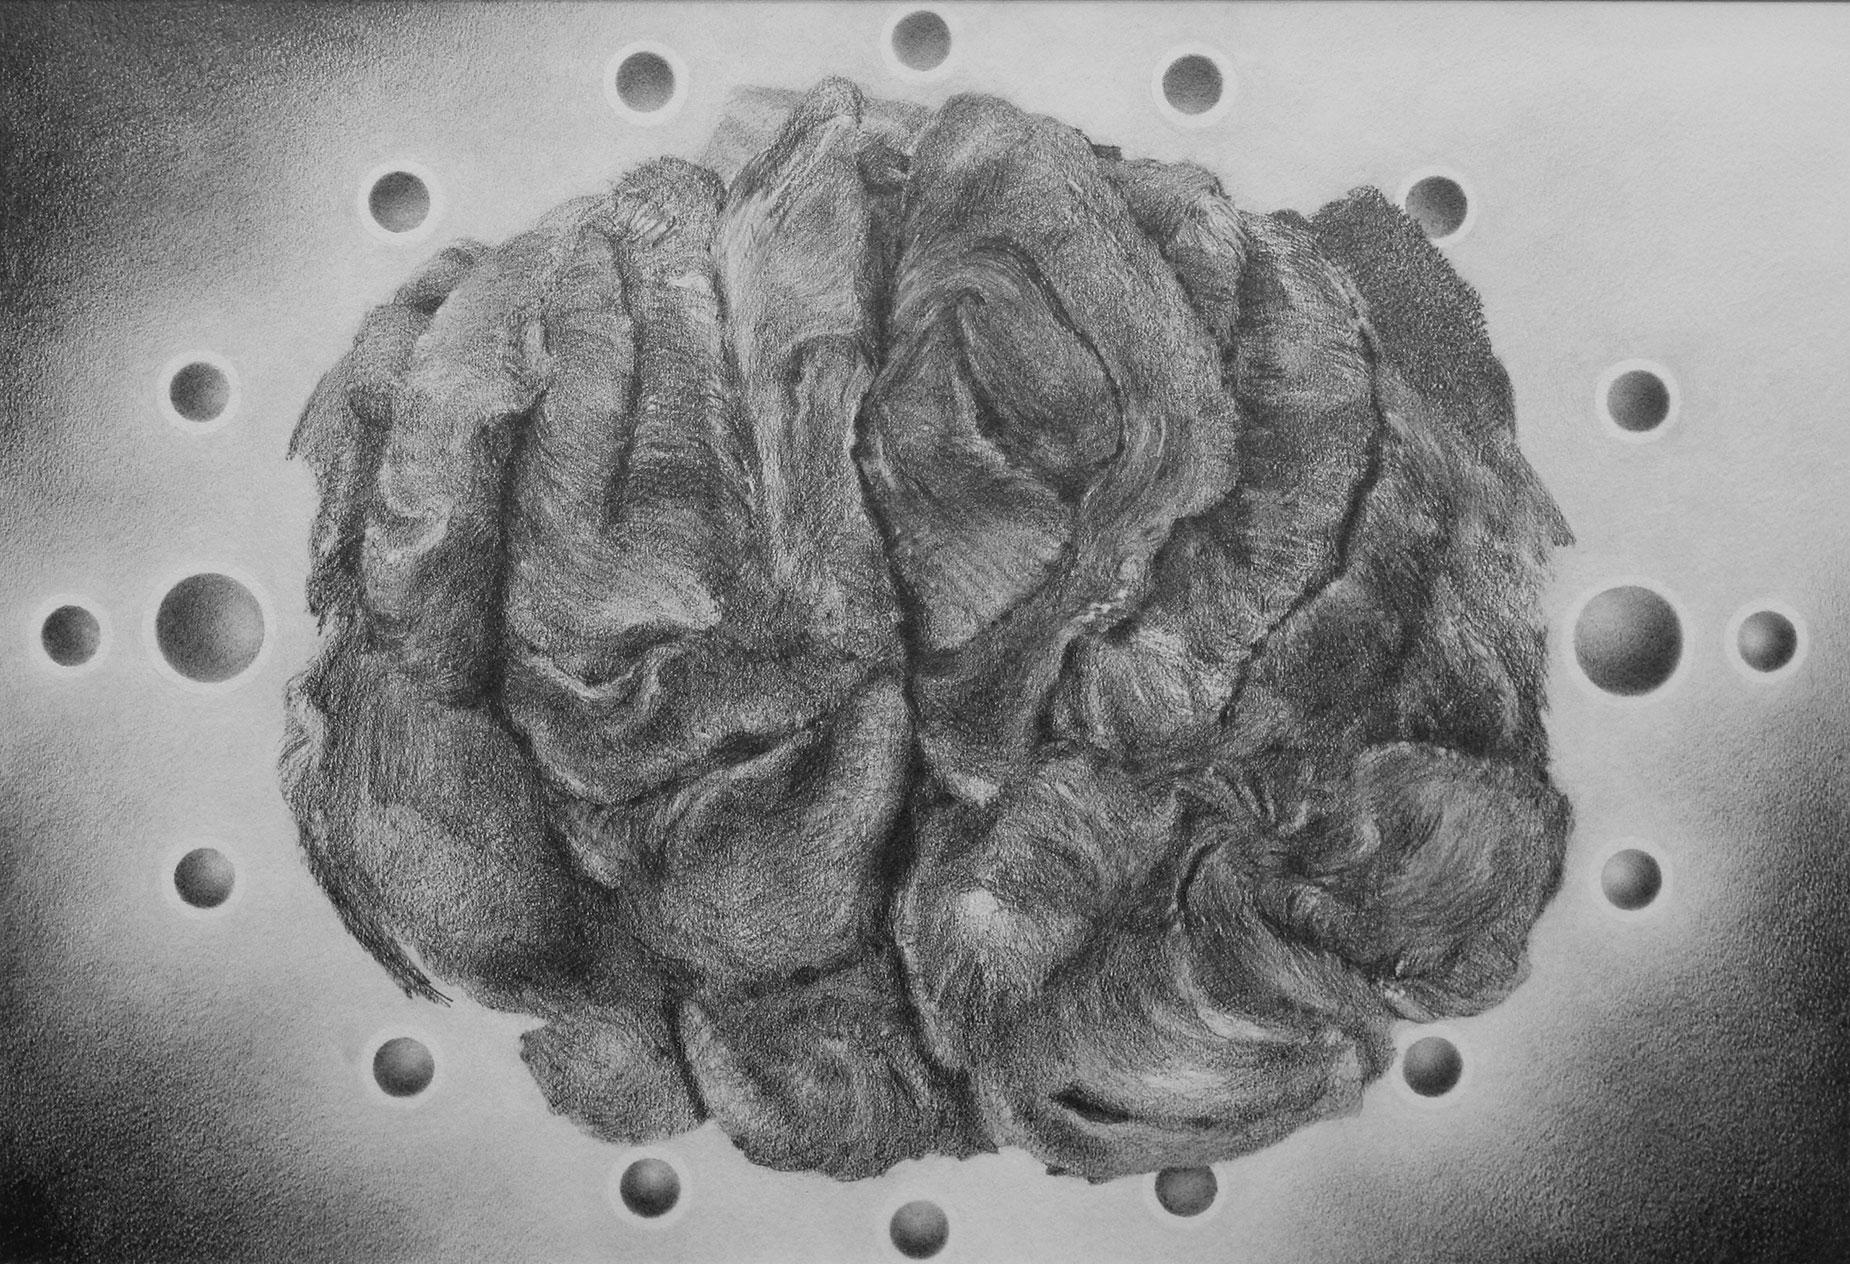 Auspicious Elk - Richard Jacobi Drawings - The Mythologies